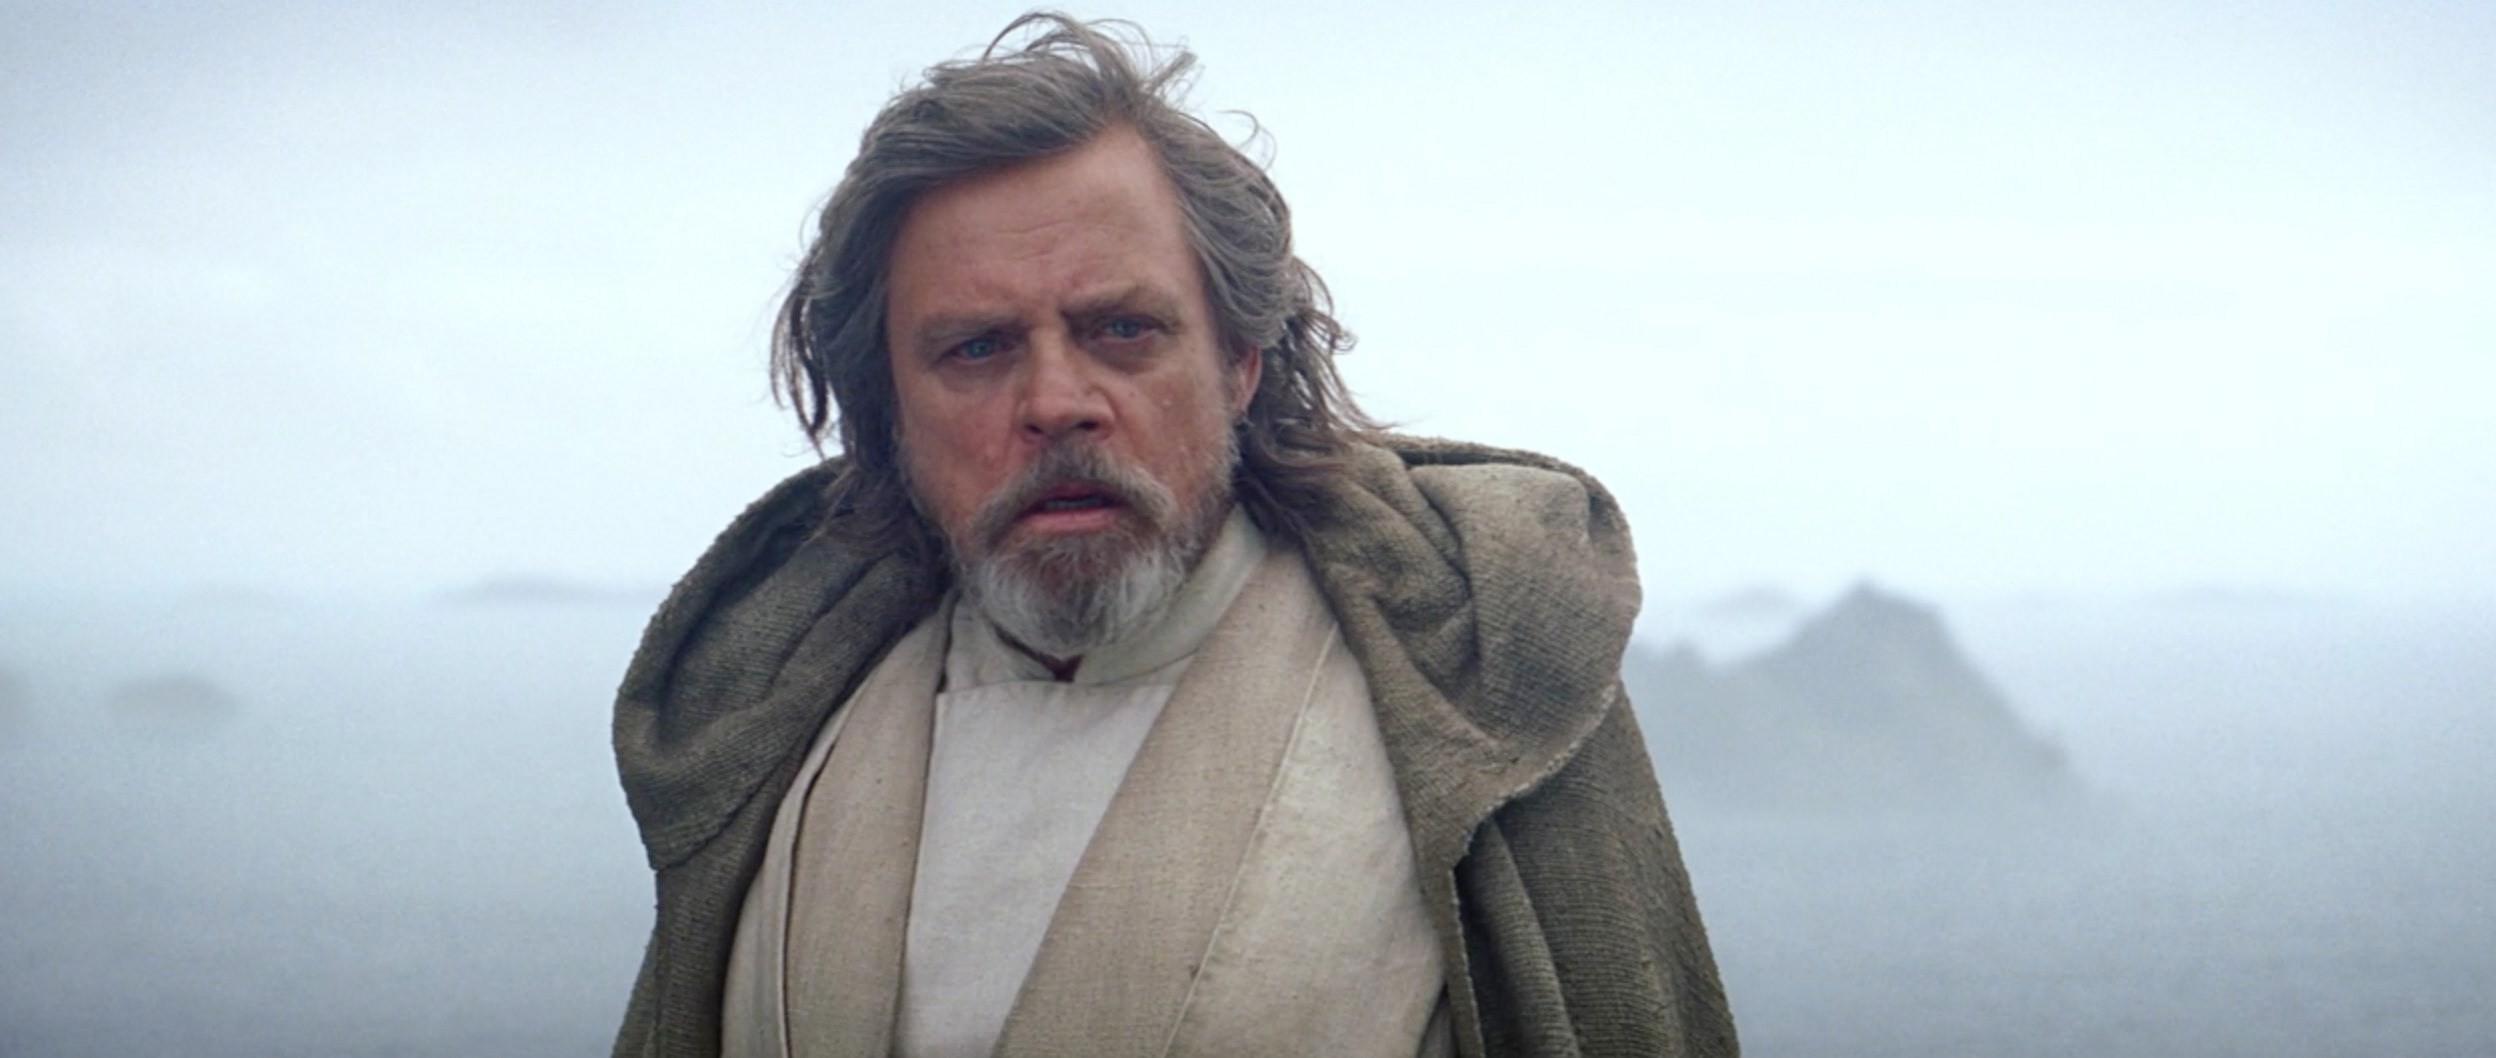 Luke Skywalker em 'O Despertar da Força' (Foto: Divulgação)